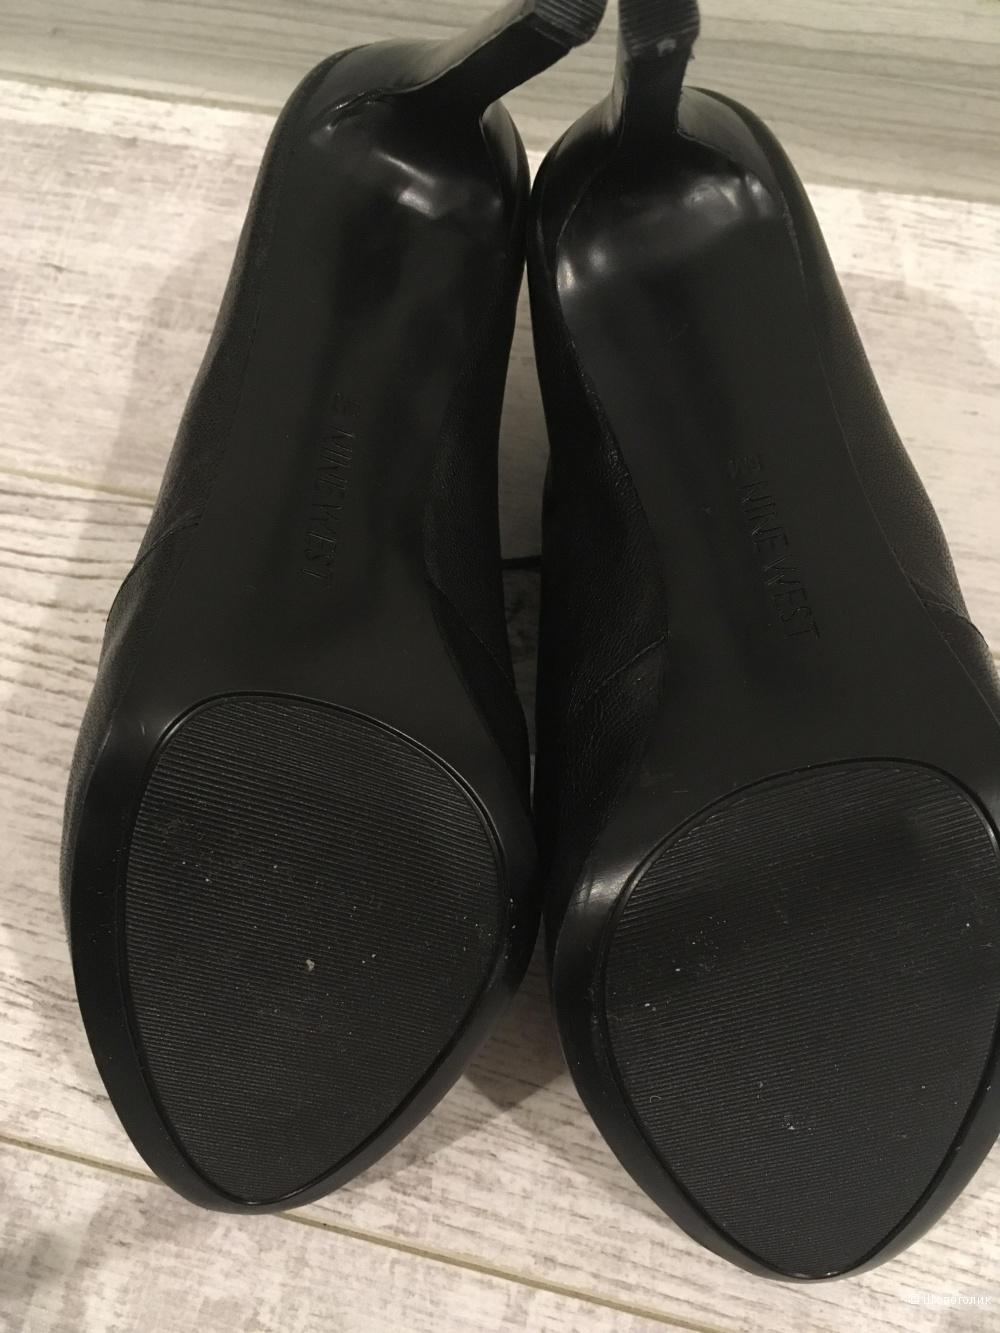 Кожаные ботильоны (туфли) Nine West, 8 US, стелька 25 см